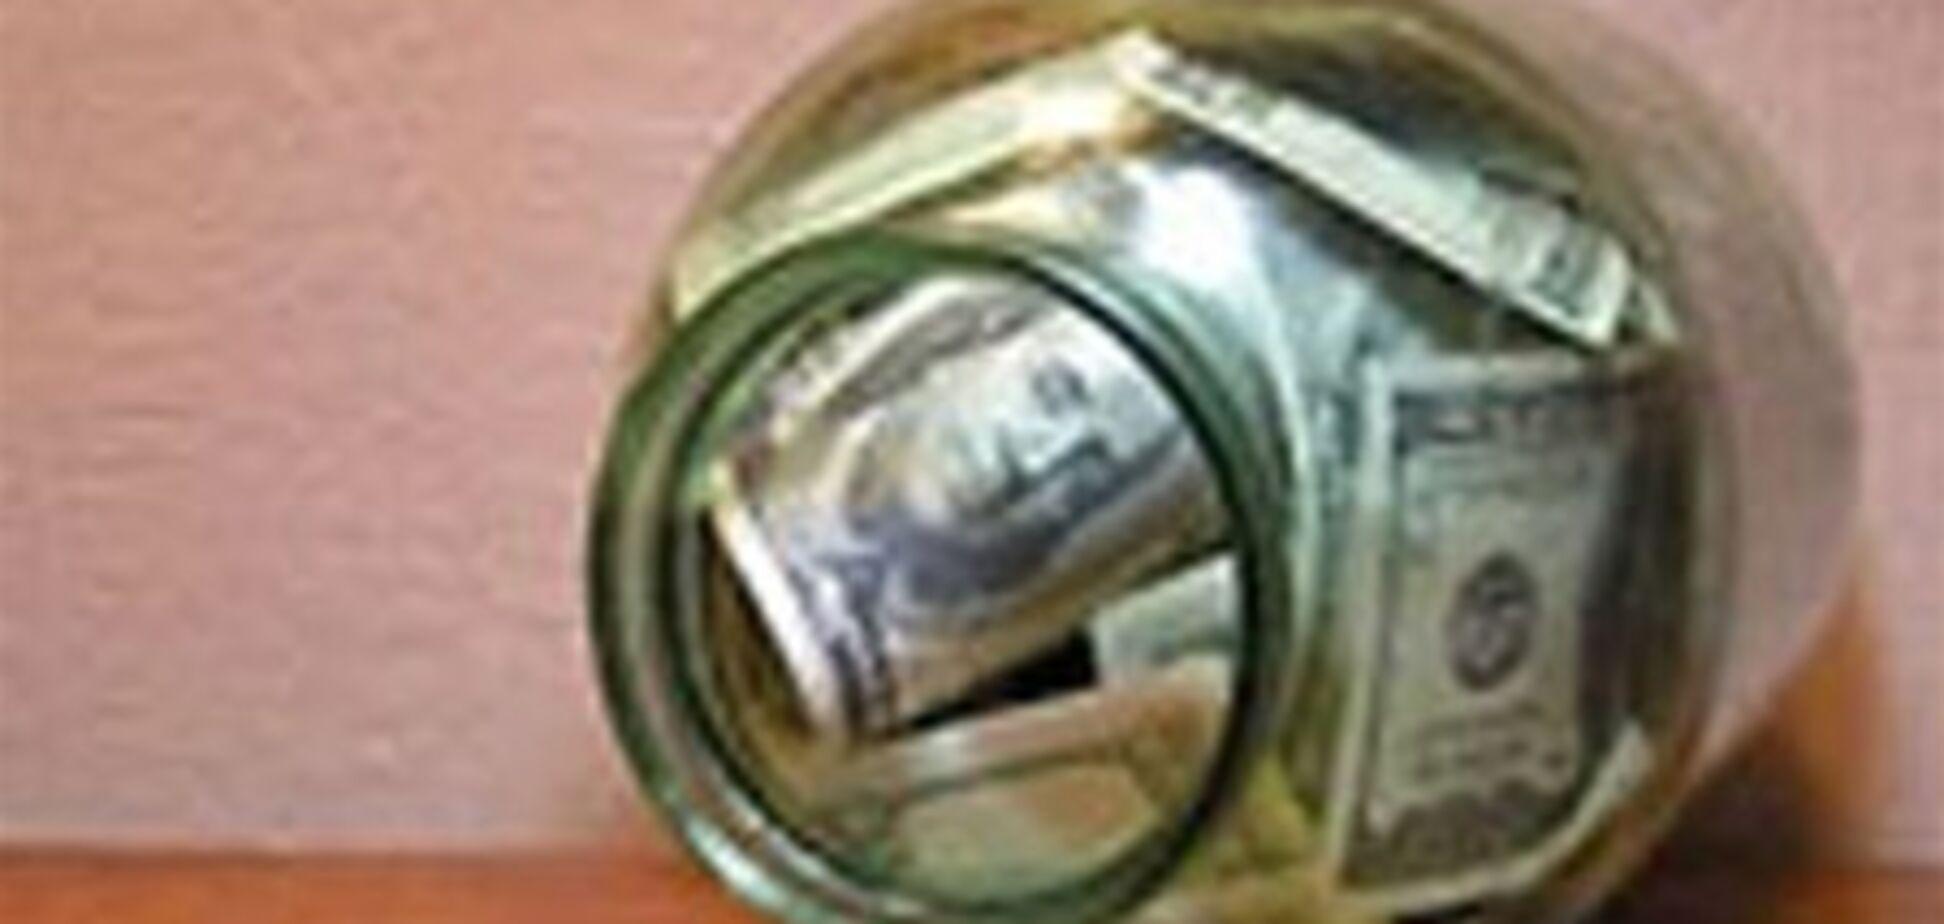 Мошенник под предлогом денежной реформы выманил у пенсионерки 20 тысяч